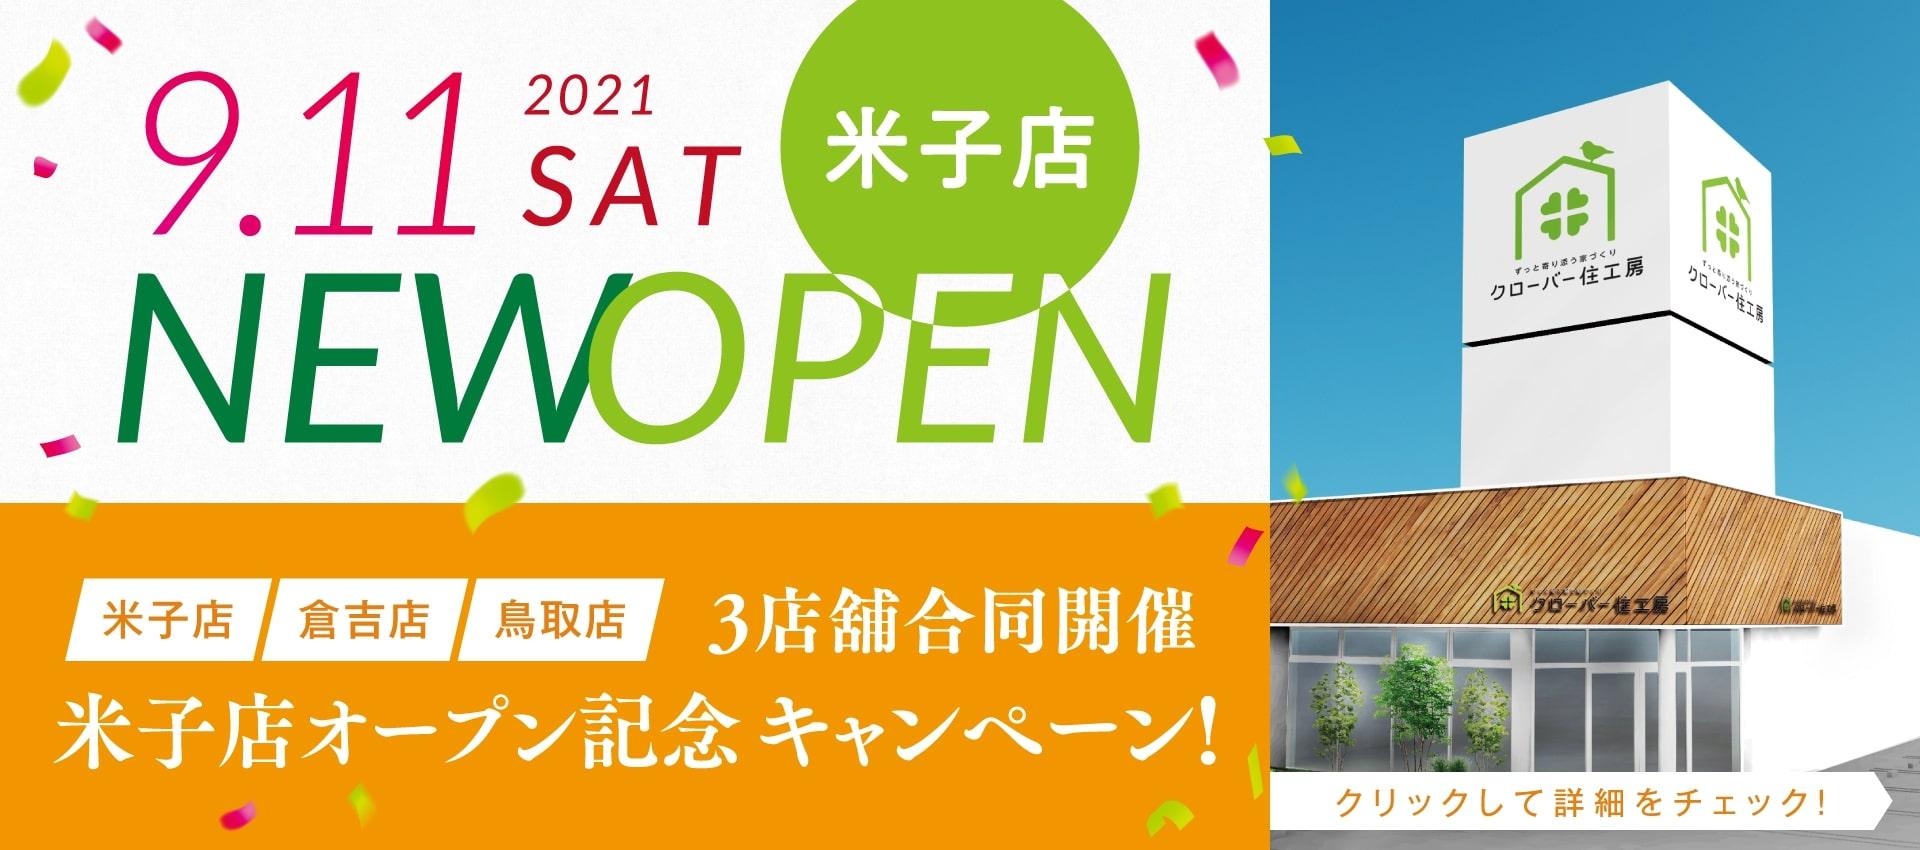 米子店オープン記念 3店舗合同キャンペーン